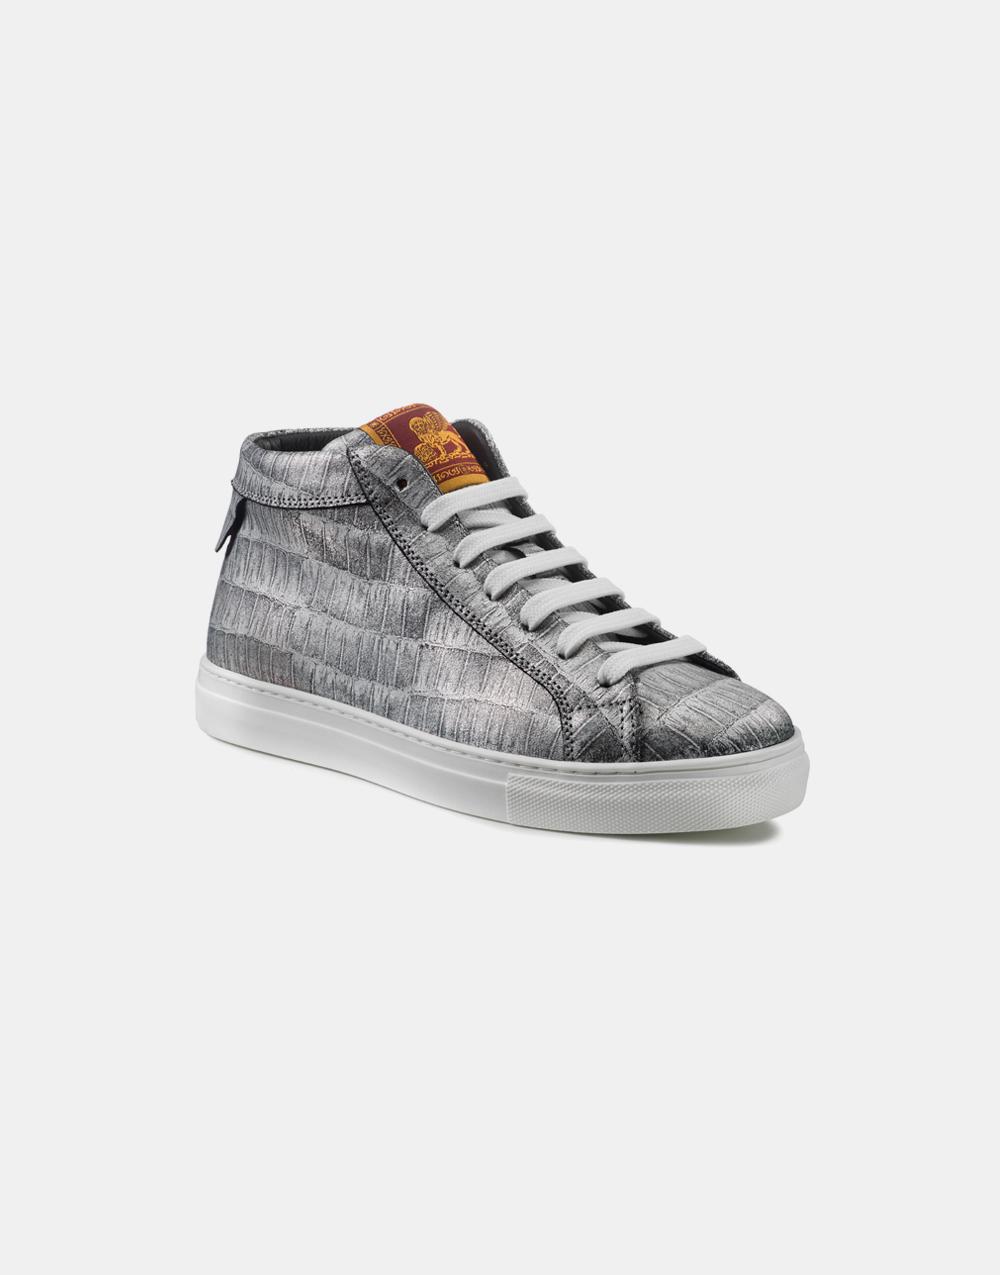 sneakers-veneto-doc-argento-alta